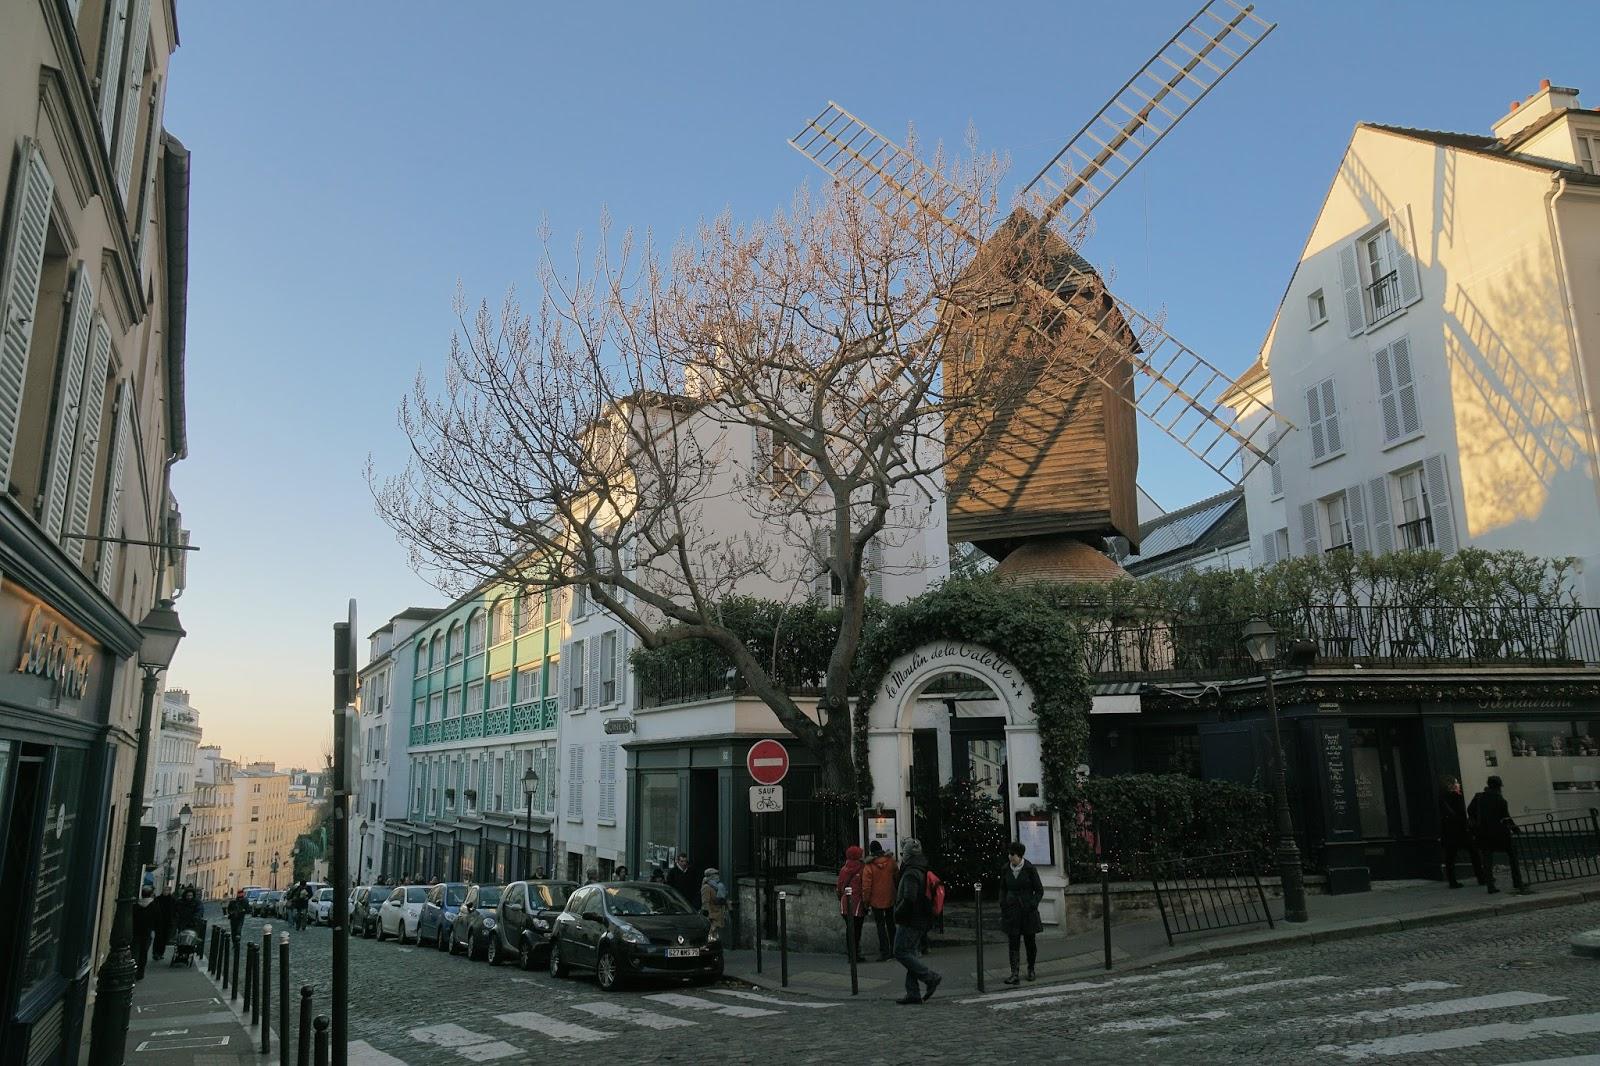 ムーラン・ド・ラ・ギャレット(Moulin de la galette)